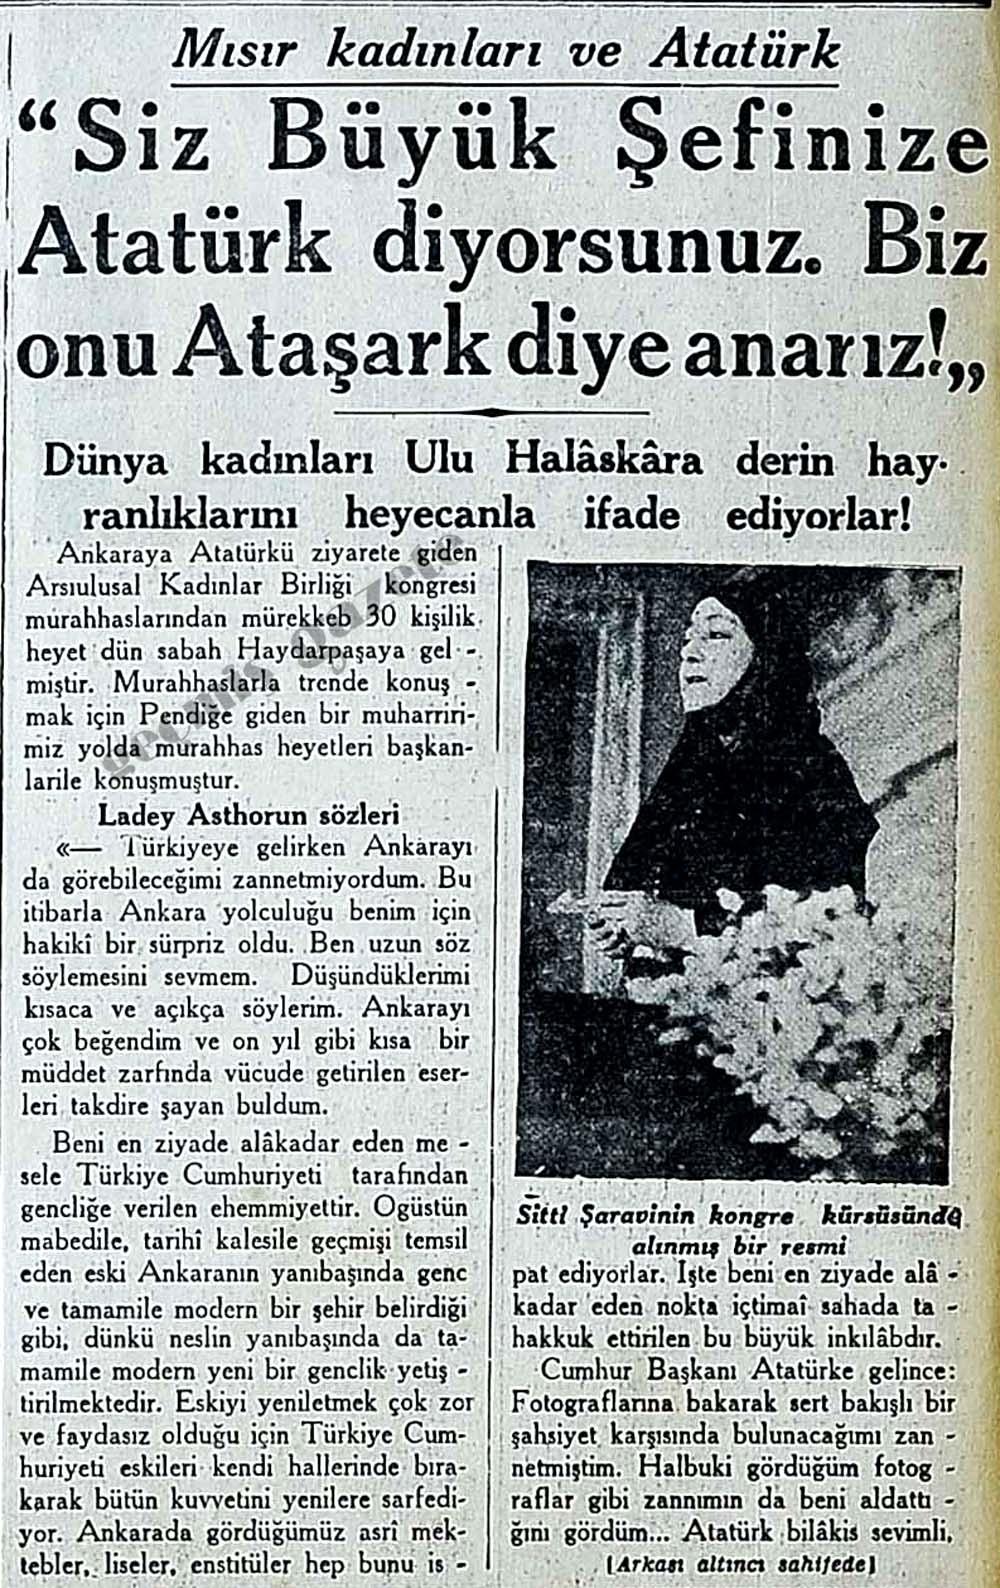 Mısır kadınları ve Atatürk